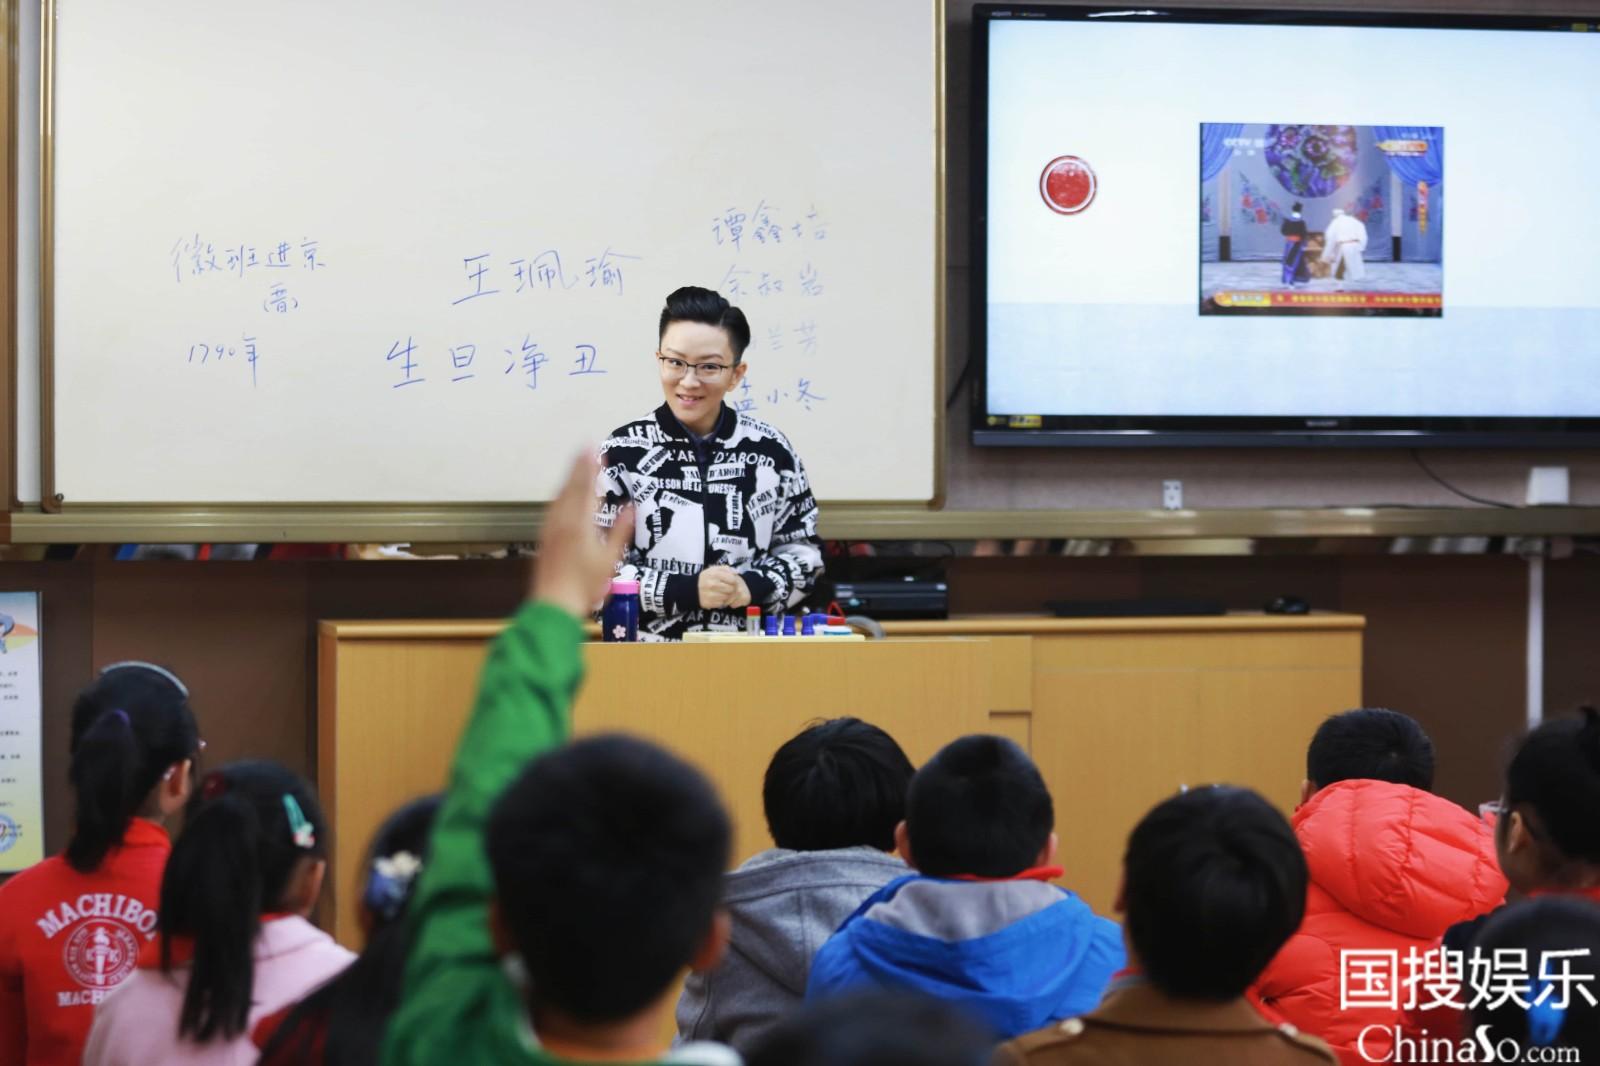 王佩瑜介绍京剧调动学生积极性